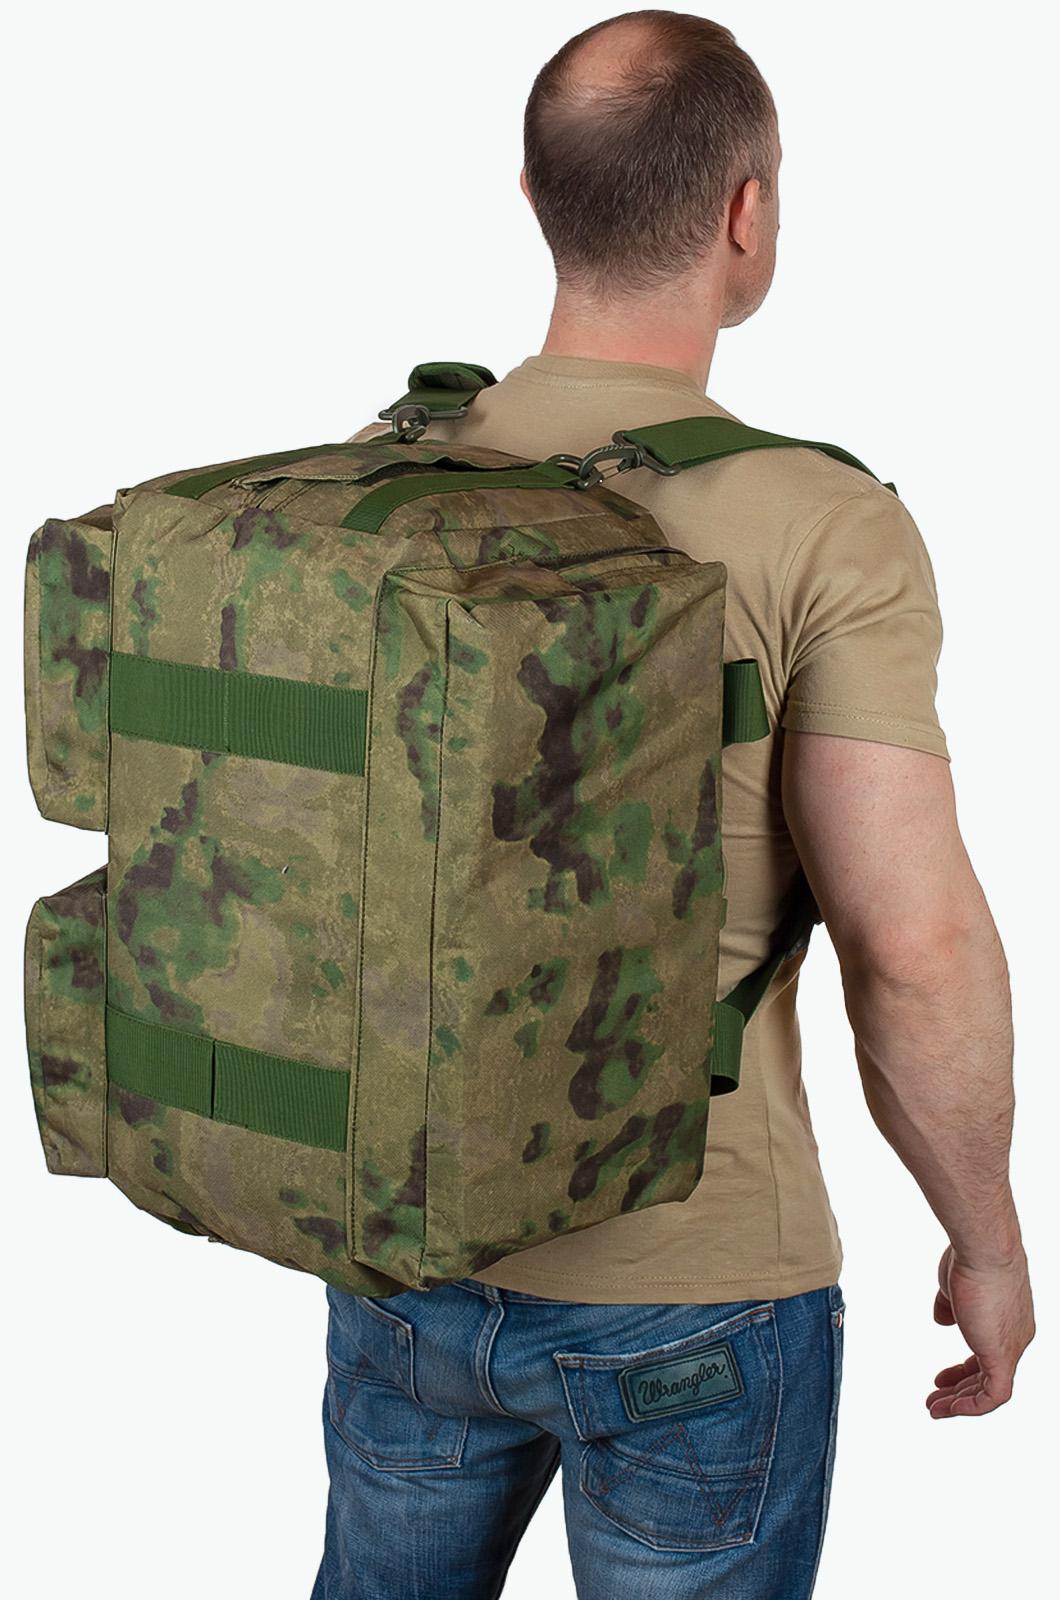 Камуфляжная полевая сумка с нашивкой Рыболовных войск купить в подарок